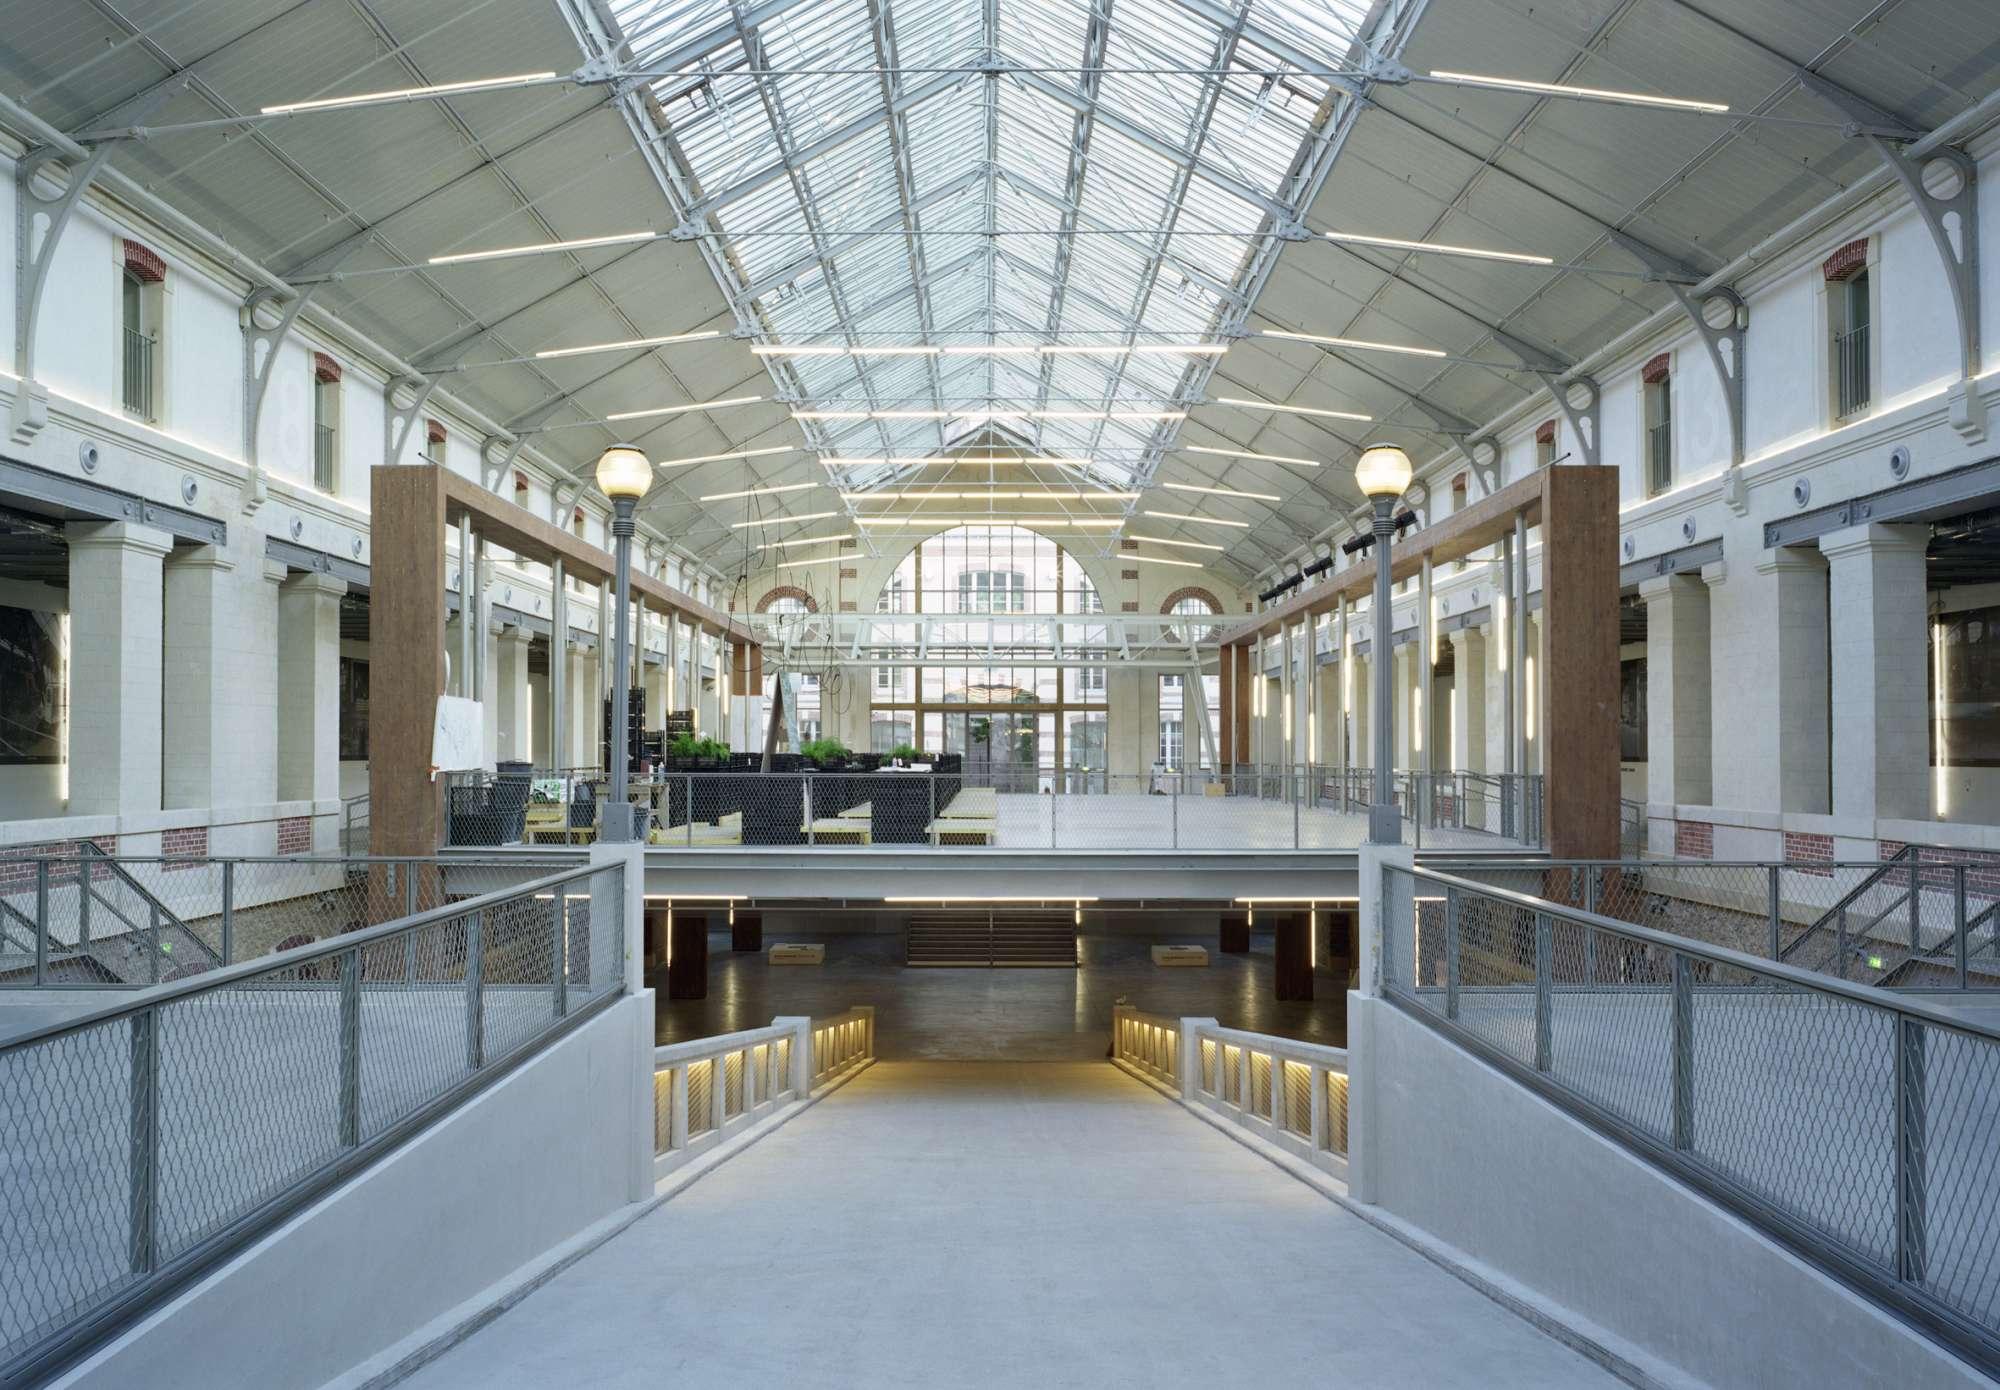 Le centquatre centre de cr ation artistique atelier for Projet architectural definition